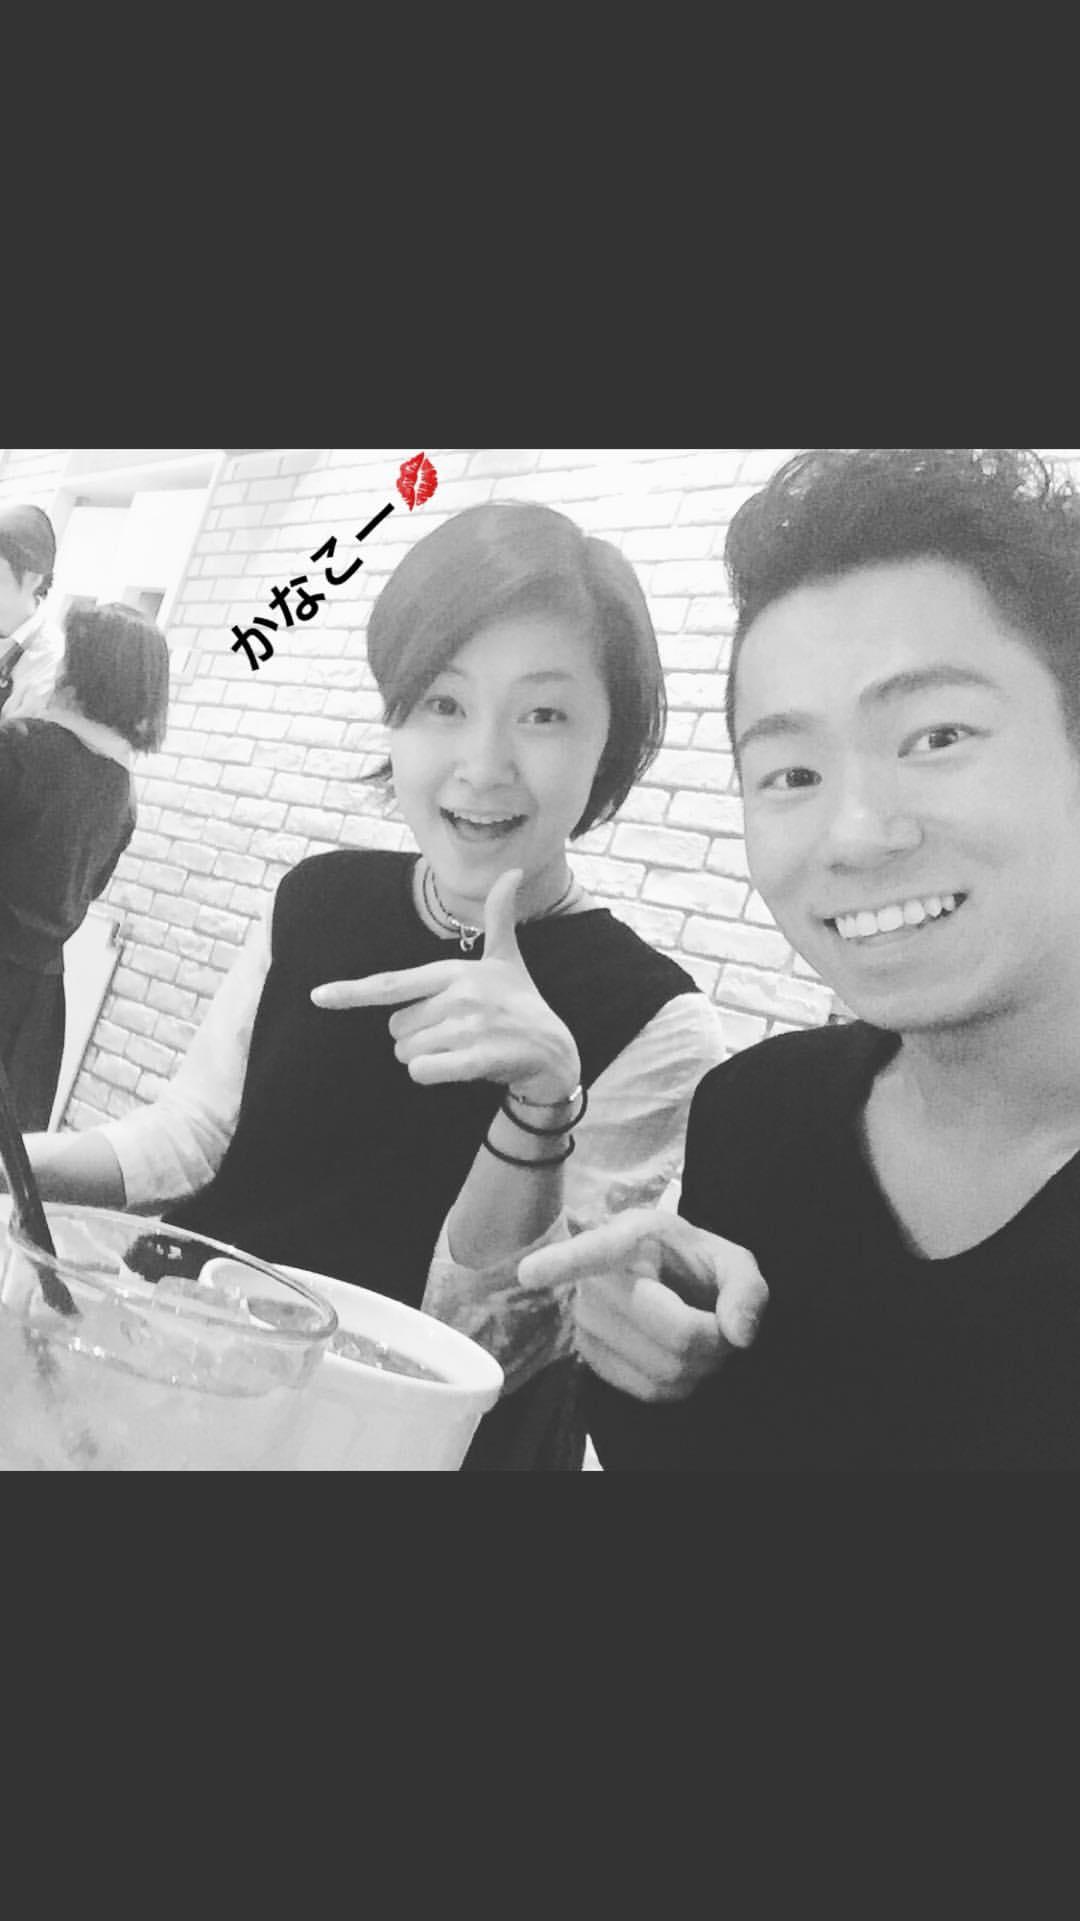 村上佳菜子ちゃんと村上大介選手のツーショット写真を公開&FaOI2017神戸で披露した荒川静香さんの「オリビアを聴きながら」は村上佳菜子が振付を担当